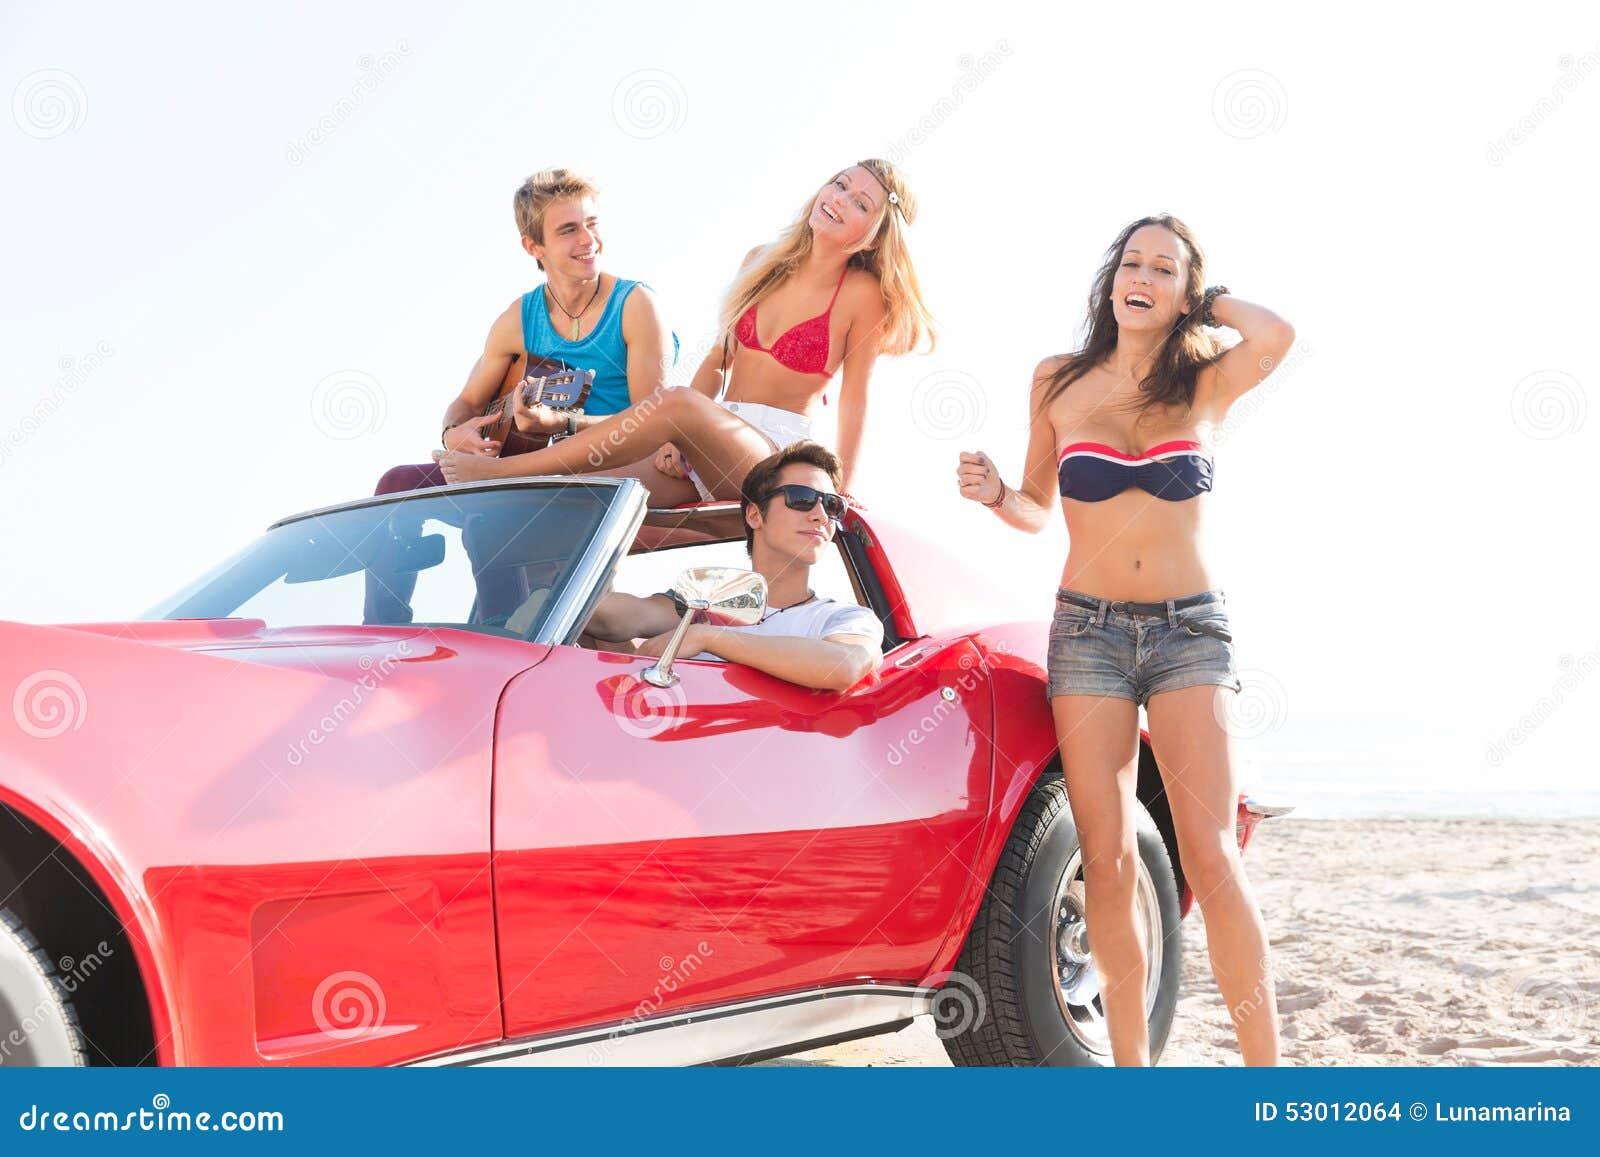 Freunde gruppieren am Strand im Sportautokabriolett